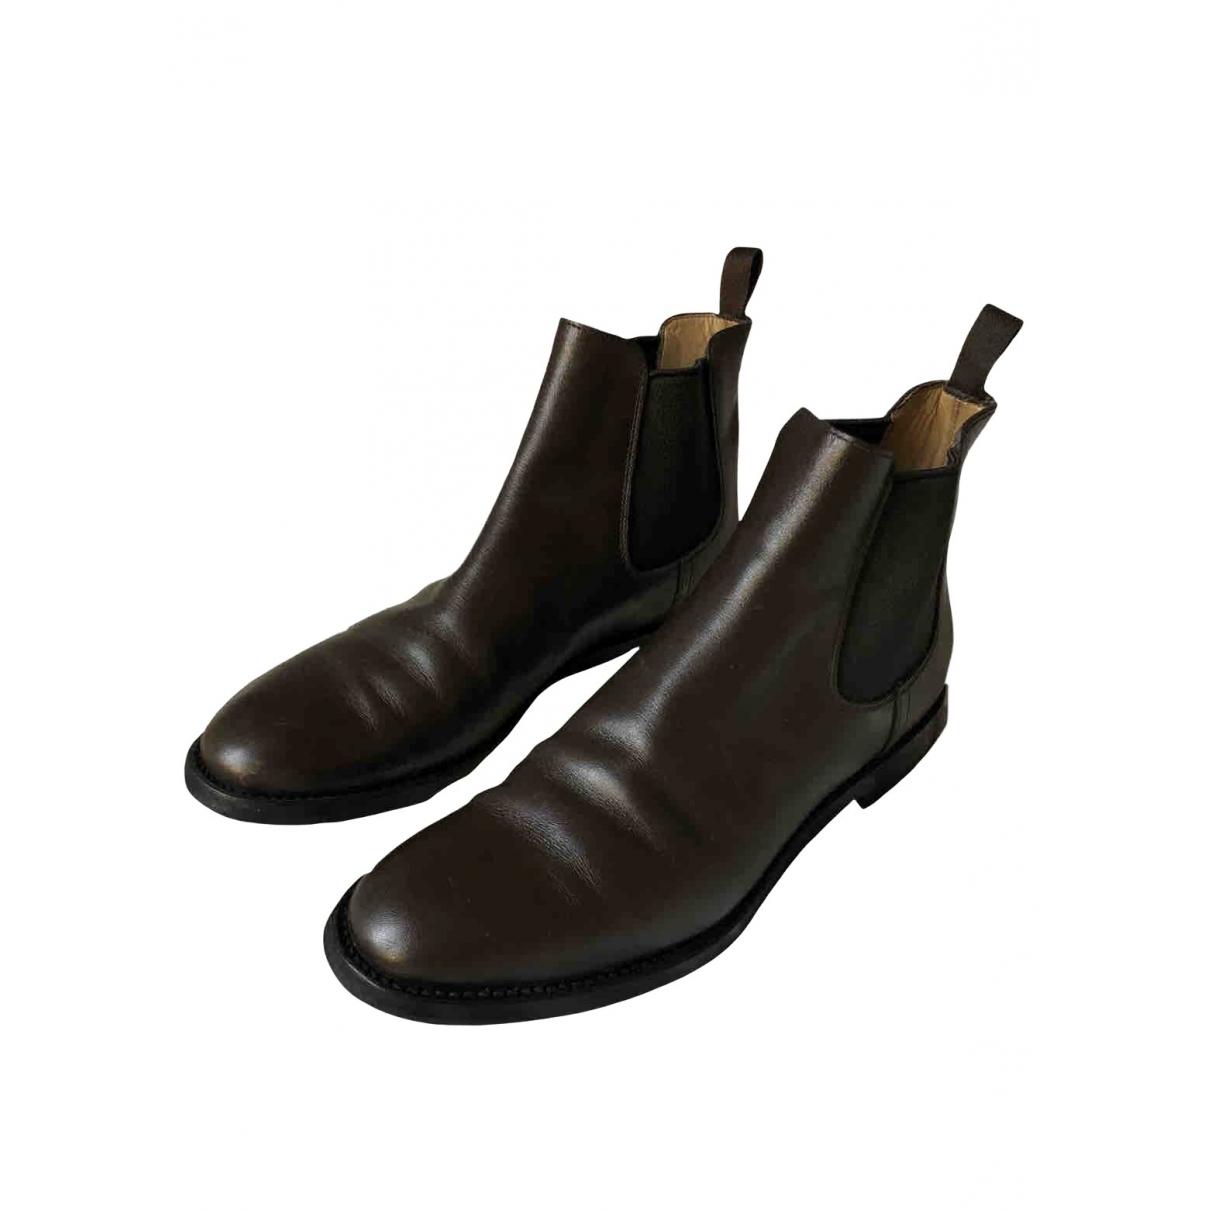 Churchs - Boots   pour femme en cuir - marron